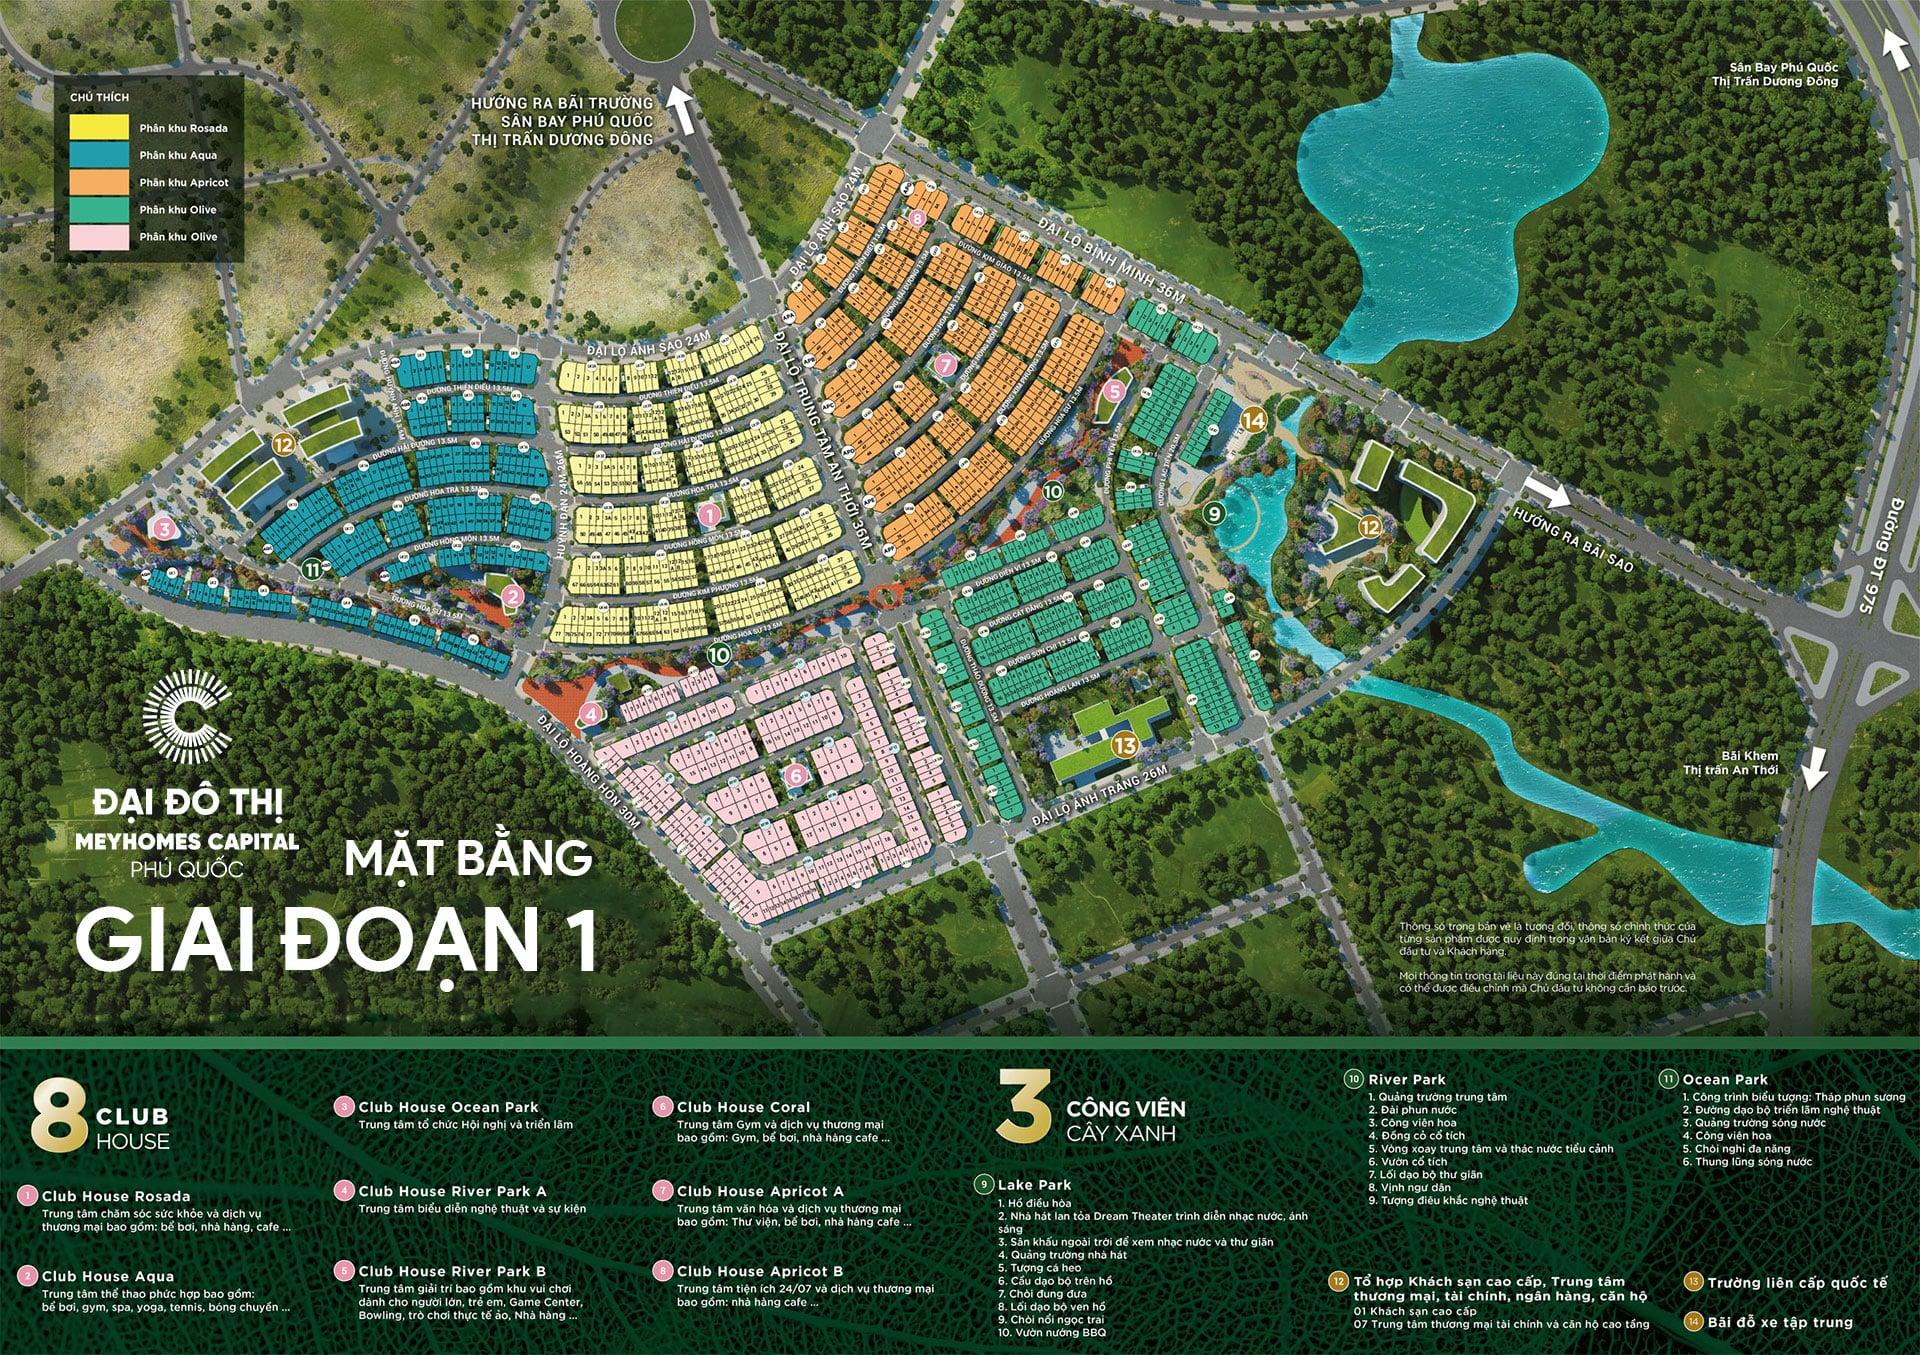 Mặt bằng tổng thể Meyhomes Capital Phú Quốc giai đoạn 1